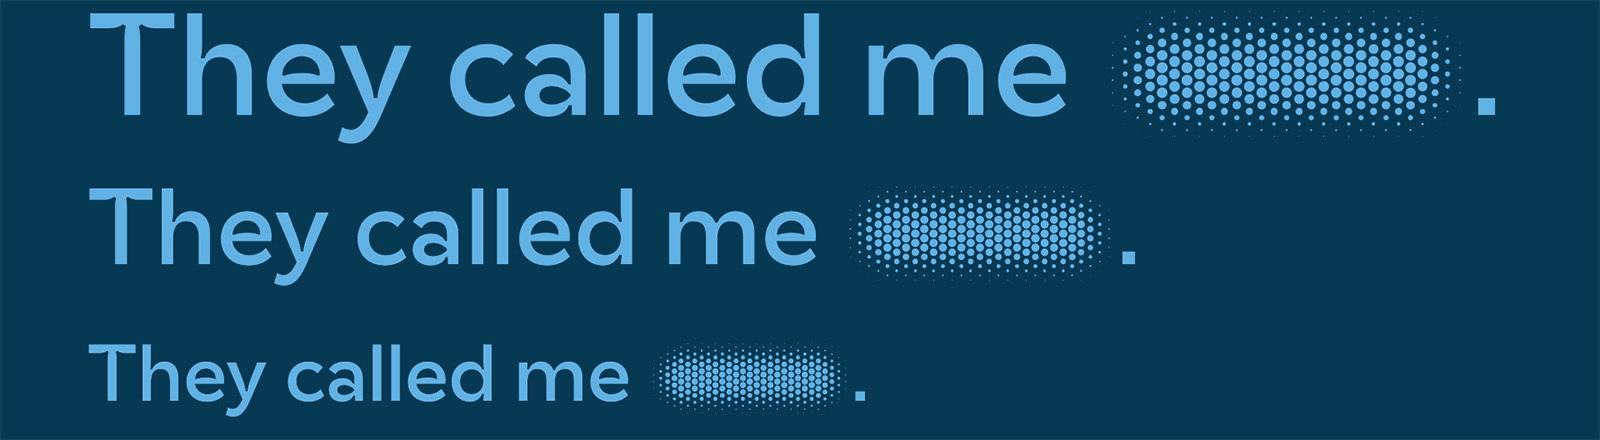 """In der Schriftart Polite Type steht drei Mal in unterschiedlichen Größen der Satz: """"They called me"""". Nach dem Wort """"me"""" ist ein Wort verpixelt."""